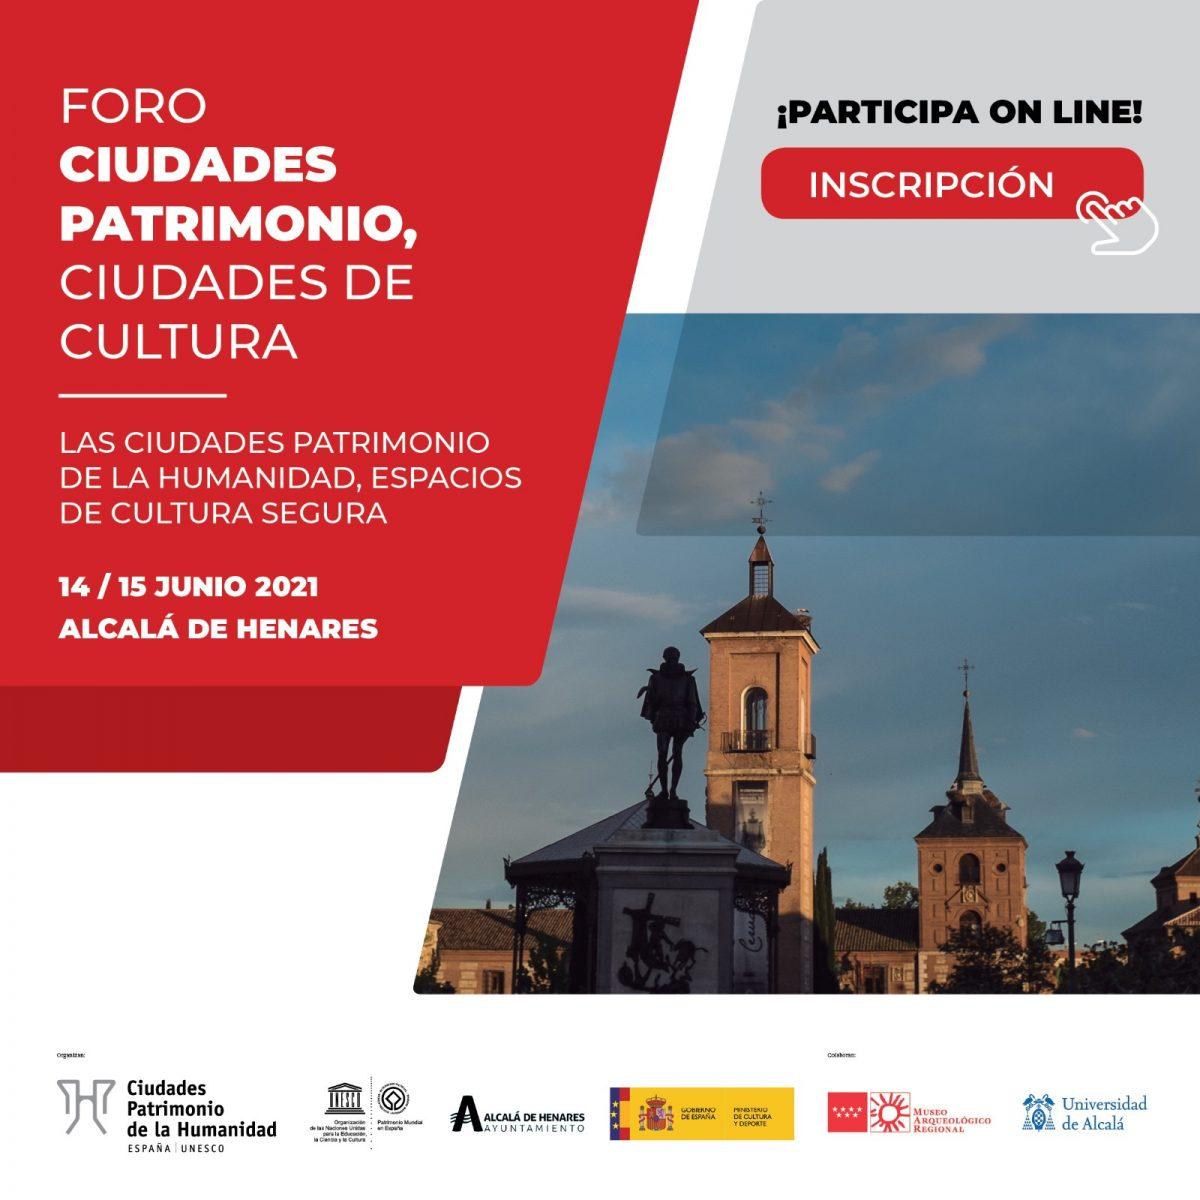 https://www.toledo.es/wp-content/uploads/2021/06/foro-cultura_gcphe-1200x1200.jpeg. Toledo y Ciudades Patrimonio de la Humanidad abordan el papel de la cultura y la gestión cultural en entornos patrimoniales